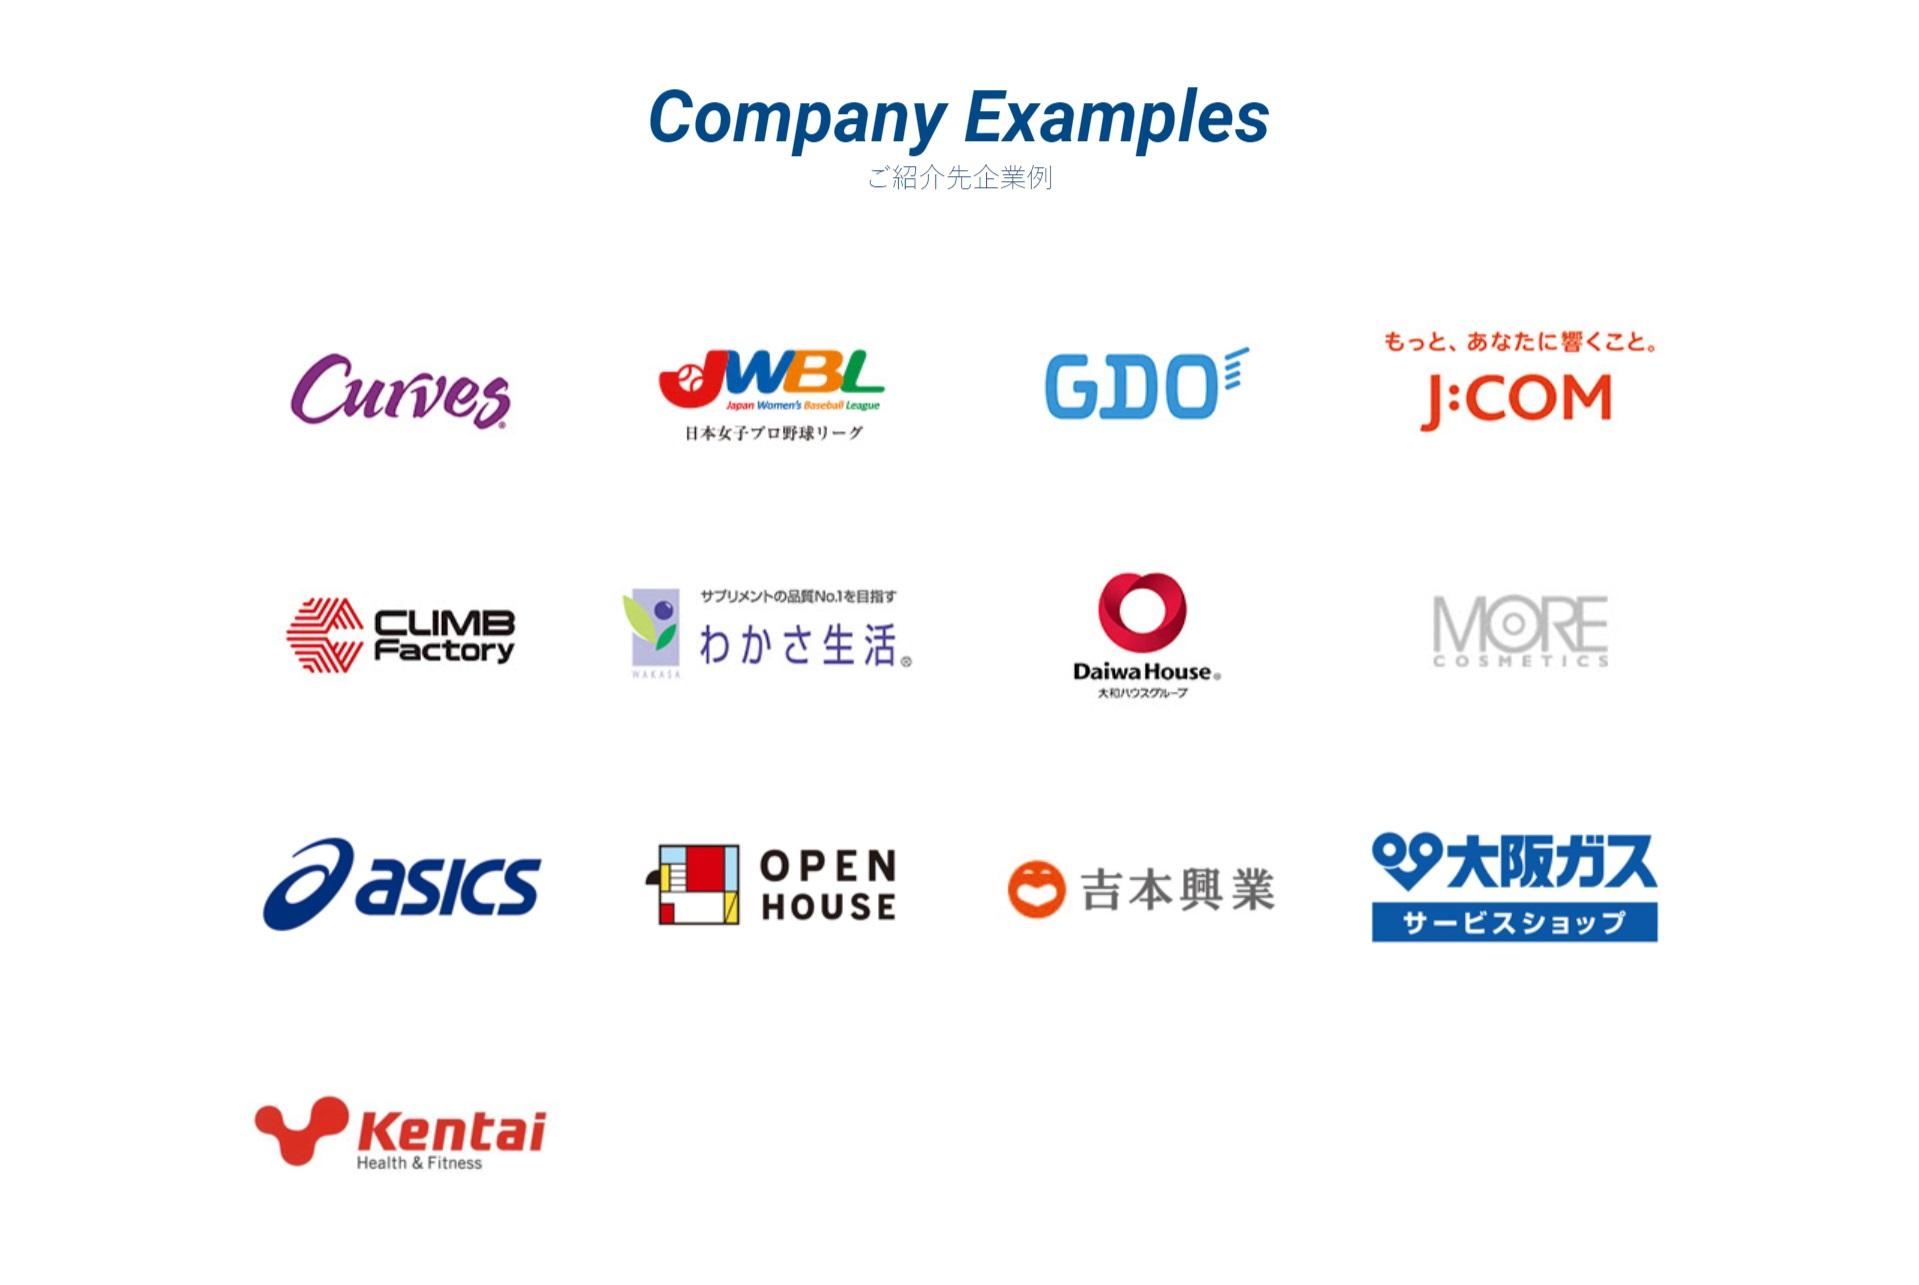 豊富な紹介先企業や非公開求人も注目